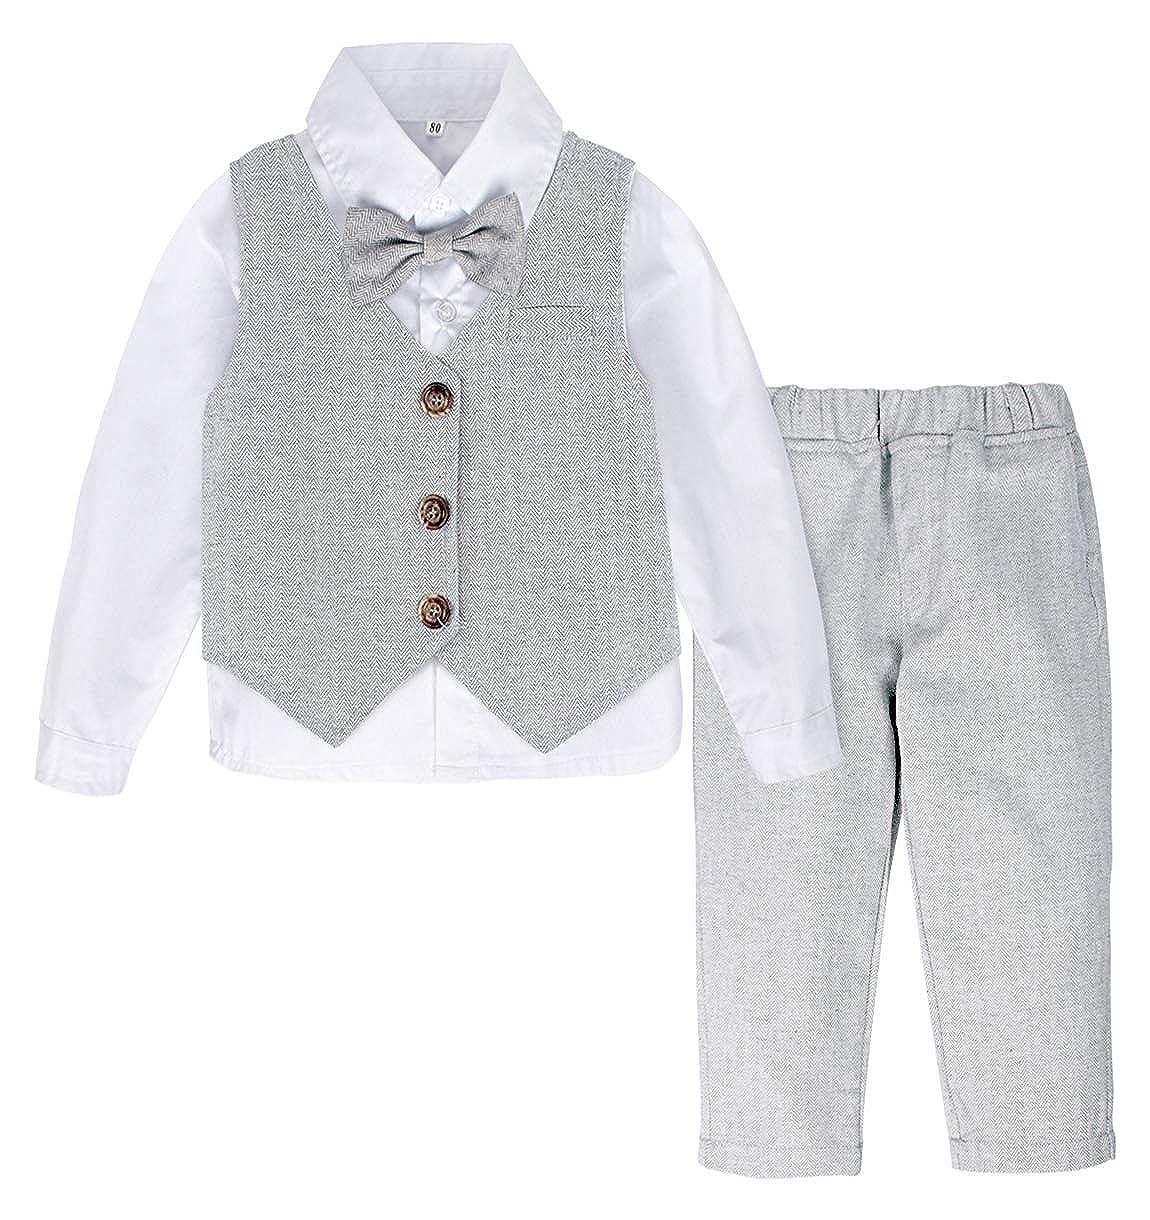 A&J DESIGN Conjunto de Camisa Manga Larga para Bebé Niños con Chaleco Pajarita Caballero, Trajes de 3 Piezas, Tamaño: 1-4 Años: Amazon.es: Ropa y accesorios